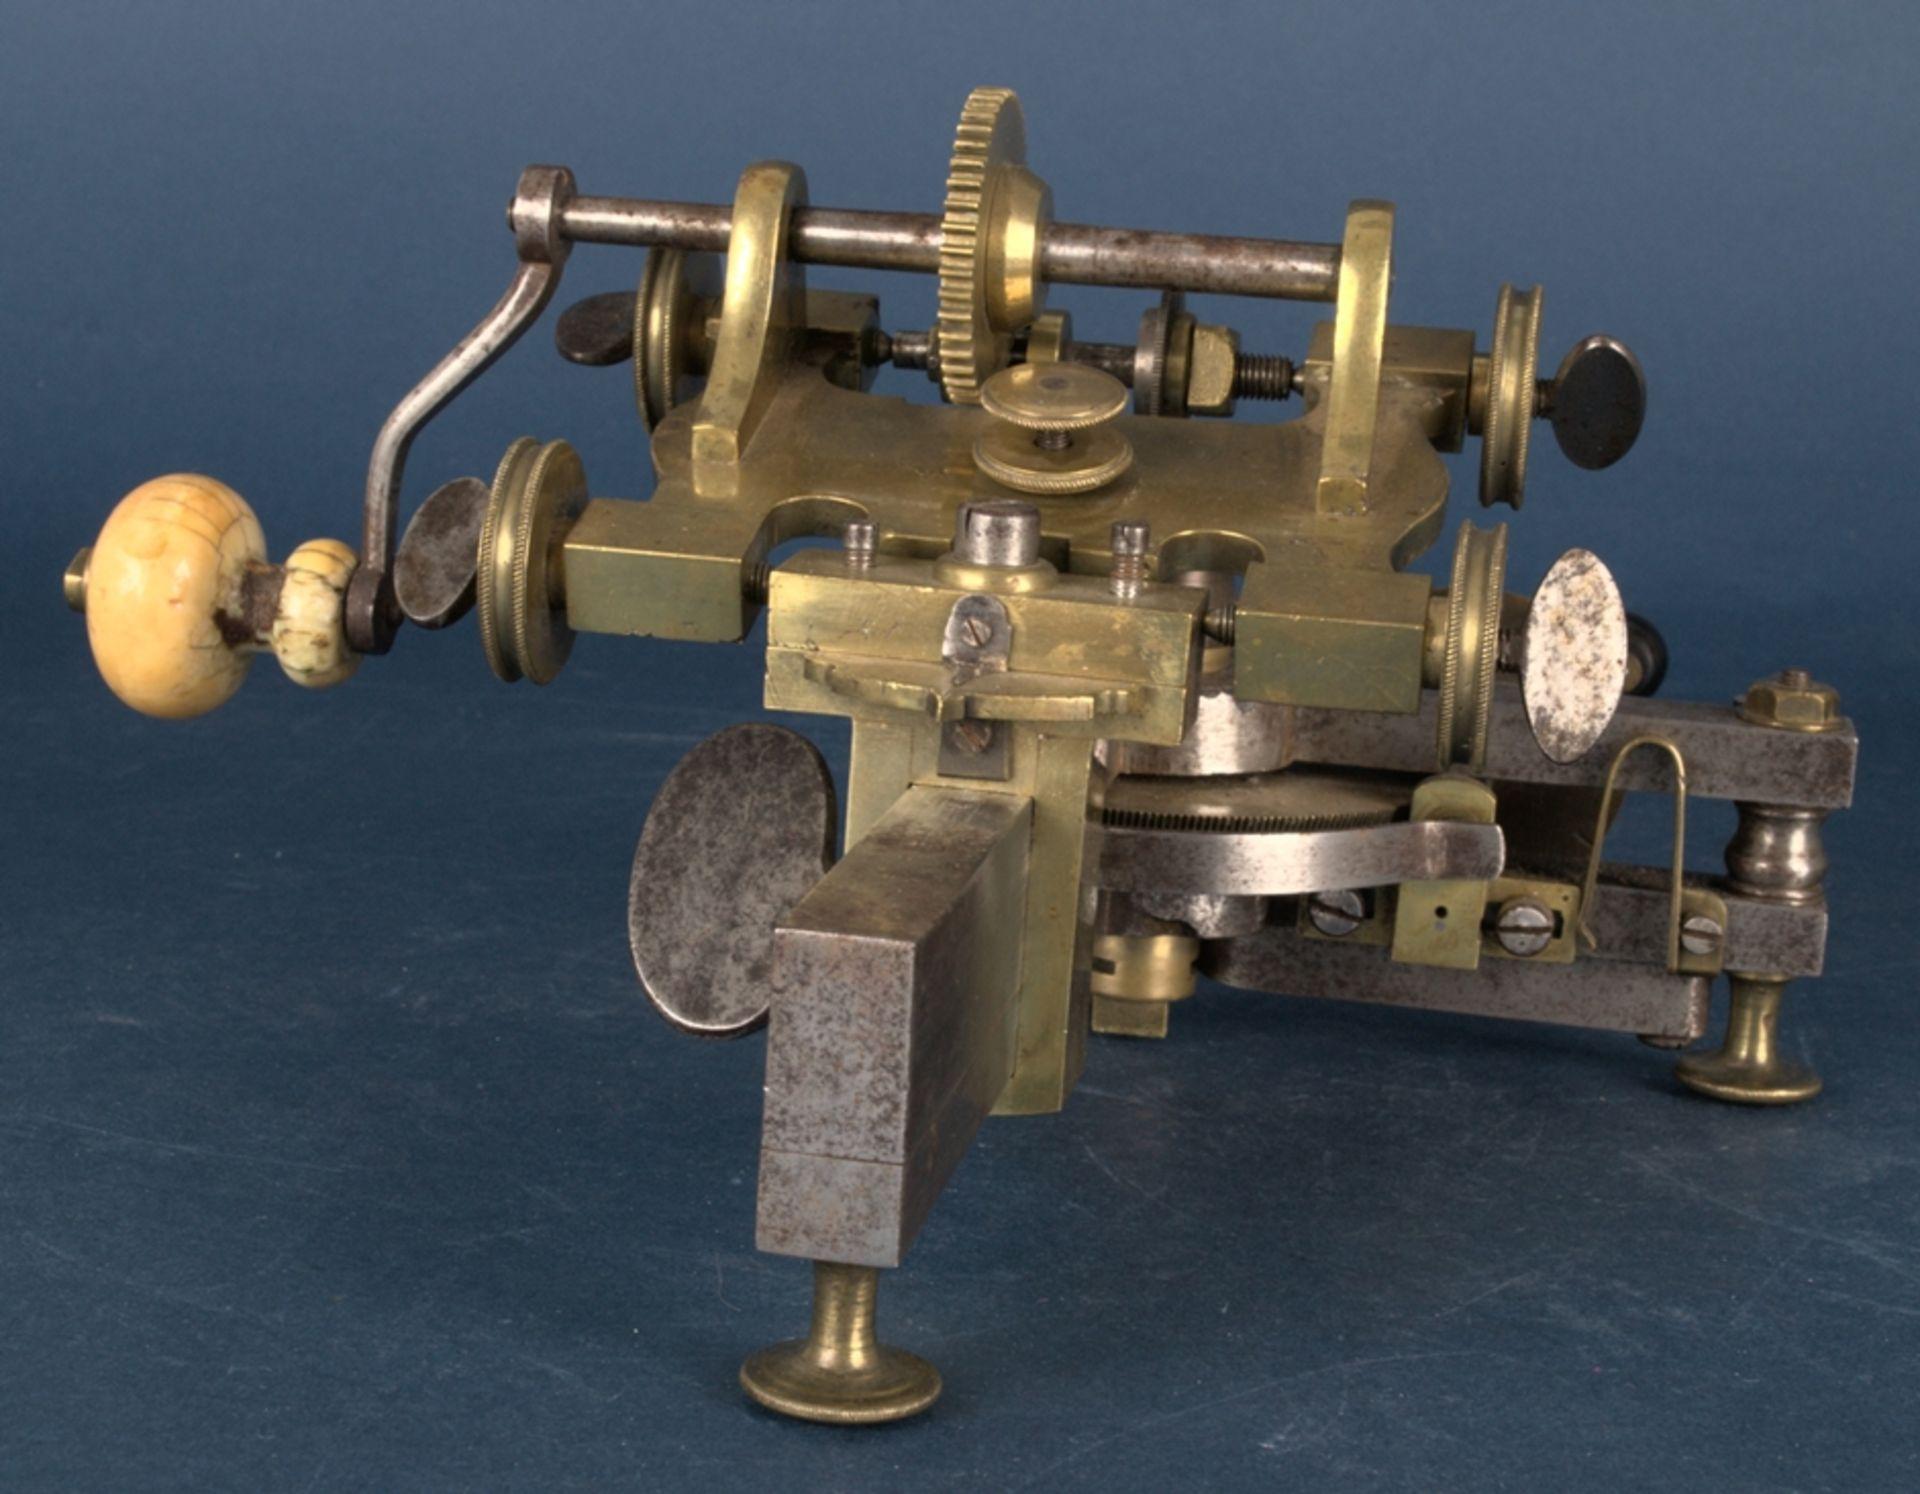 Zahnradfräsmaschine/Zahnräderschneidemaschine, frühes Uhrmacherwerkzeug, deutsch Mitte 18. Jhd., - Bild 5 aus 29